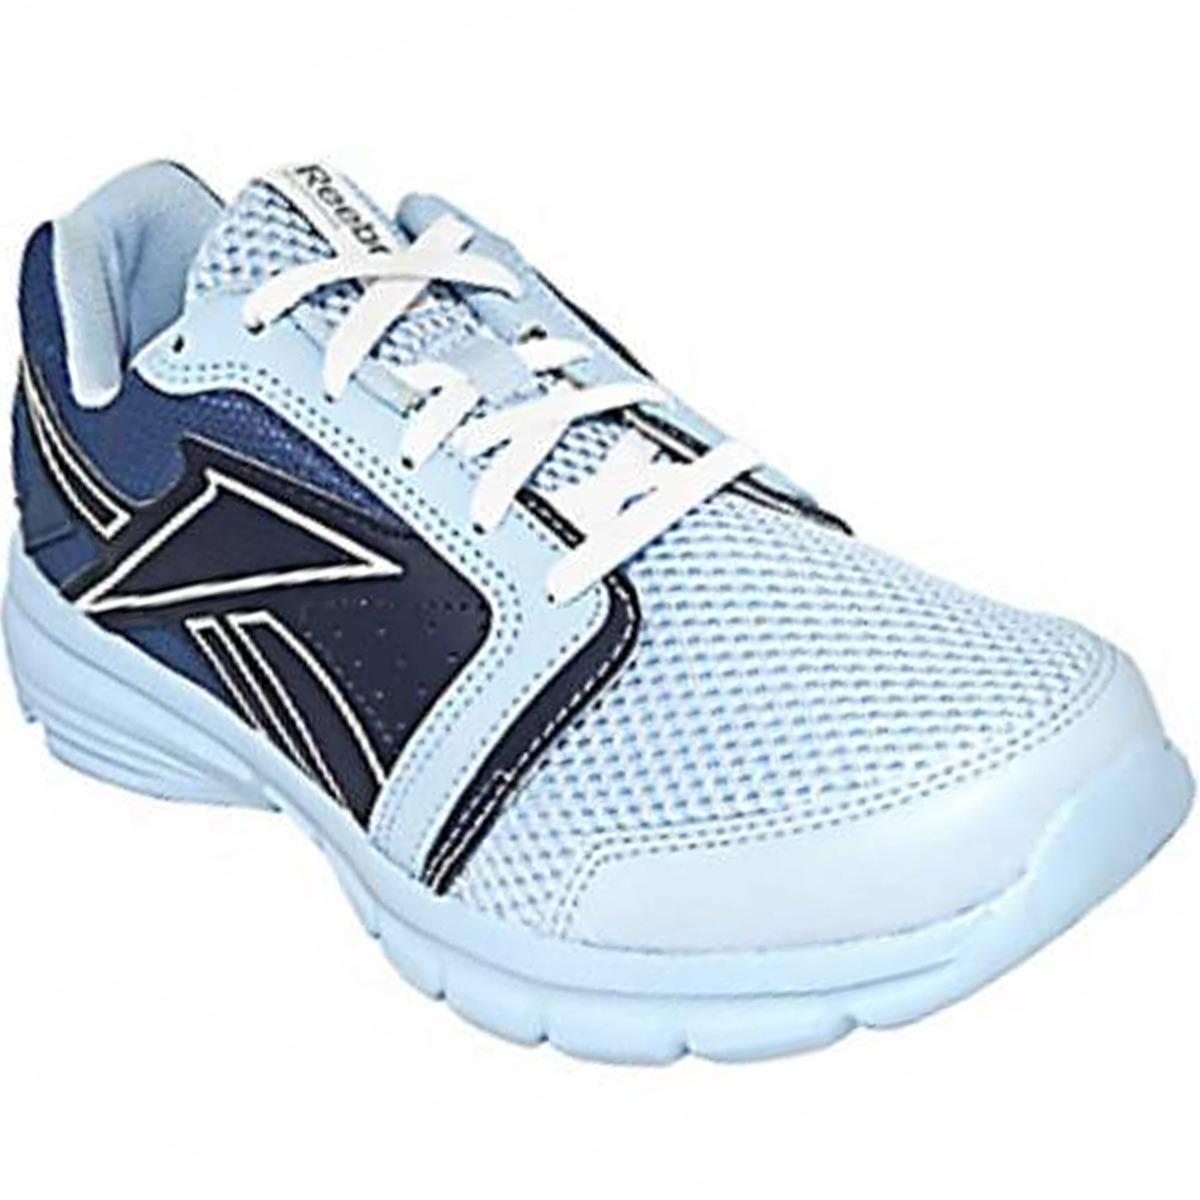 02a0c5294 tenis para correr speedfusion 3.0 para mujer w reebok m48695. Cargando zoom.